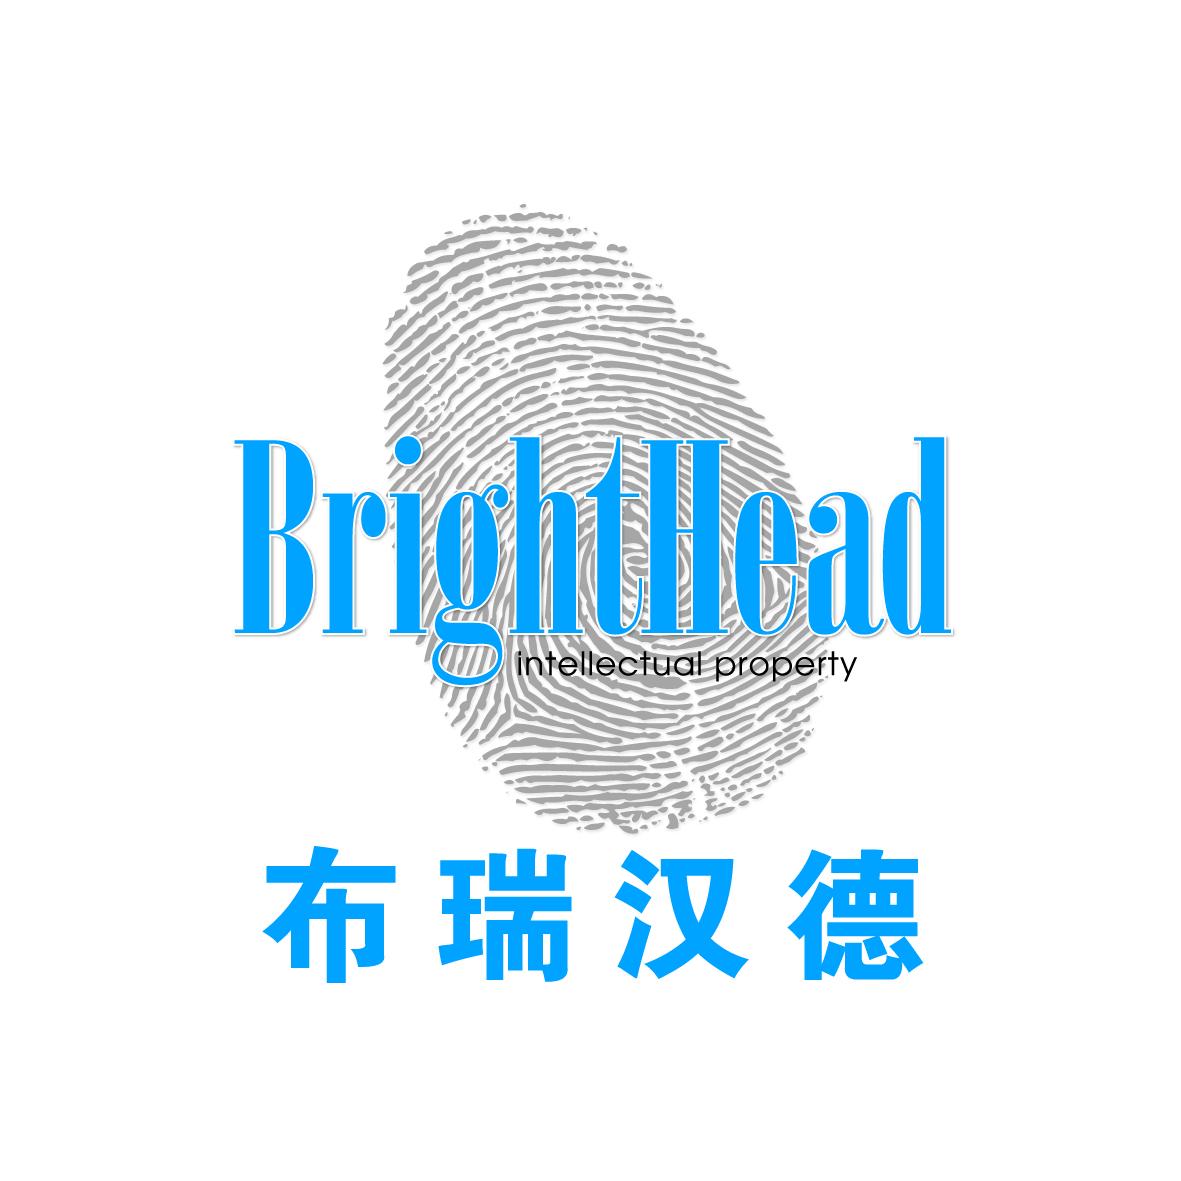 天津布瑞汉德知识产权有限公司代理机构